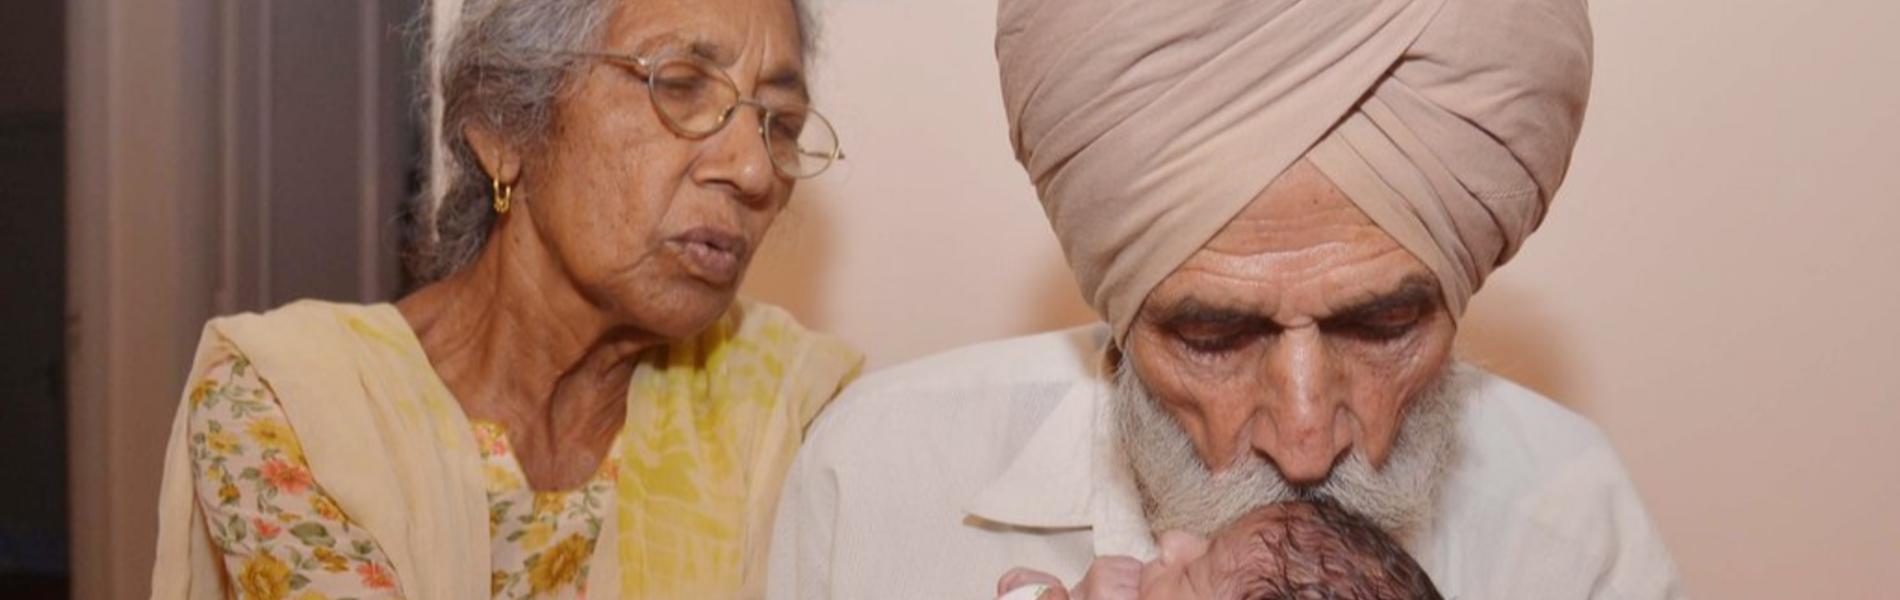 הסיפור מאחורי היולדות הקשישות בעולם